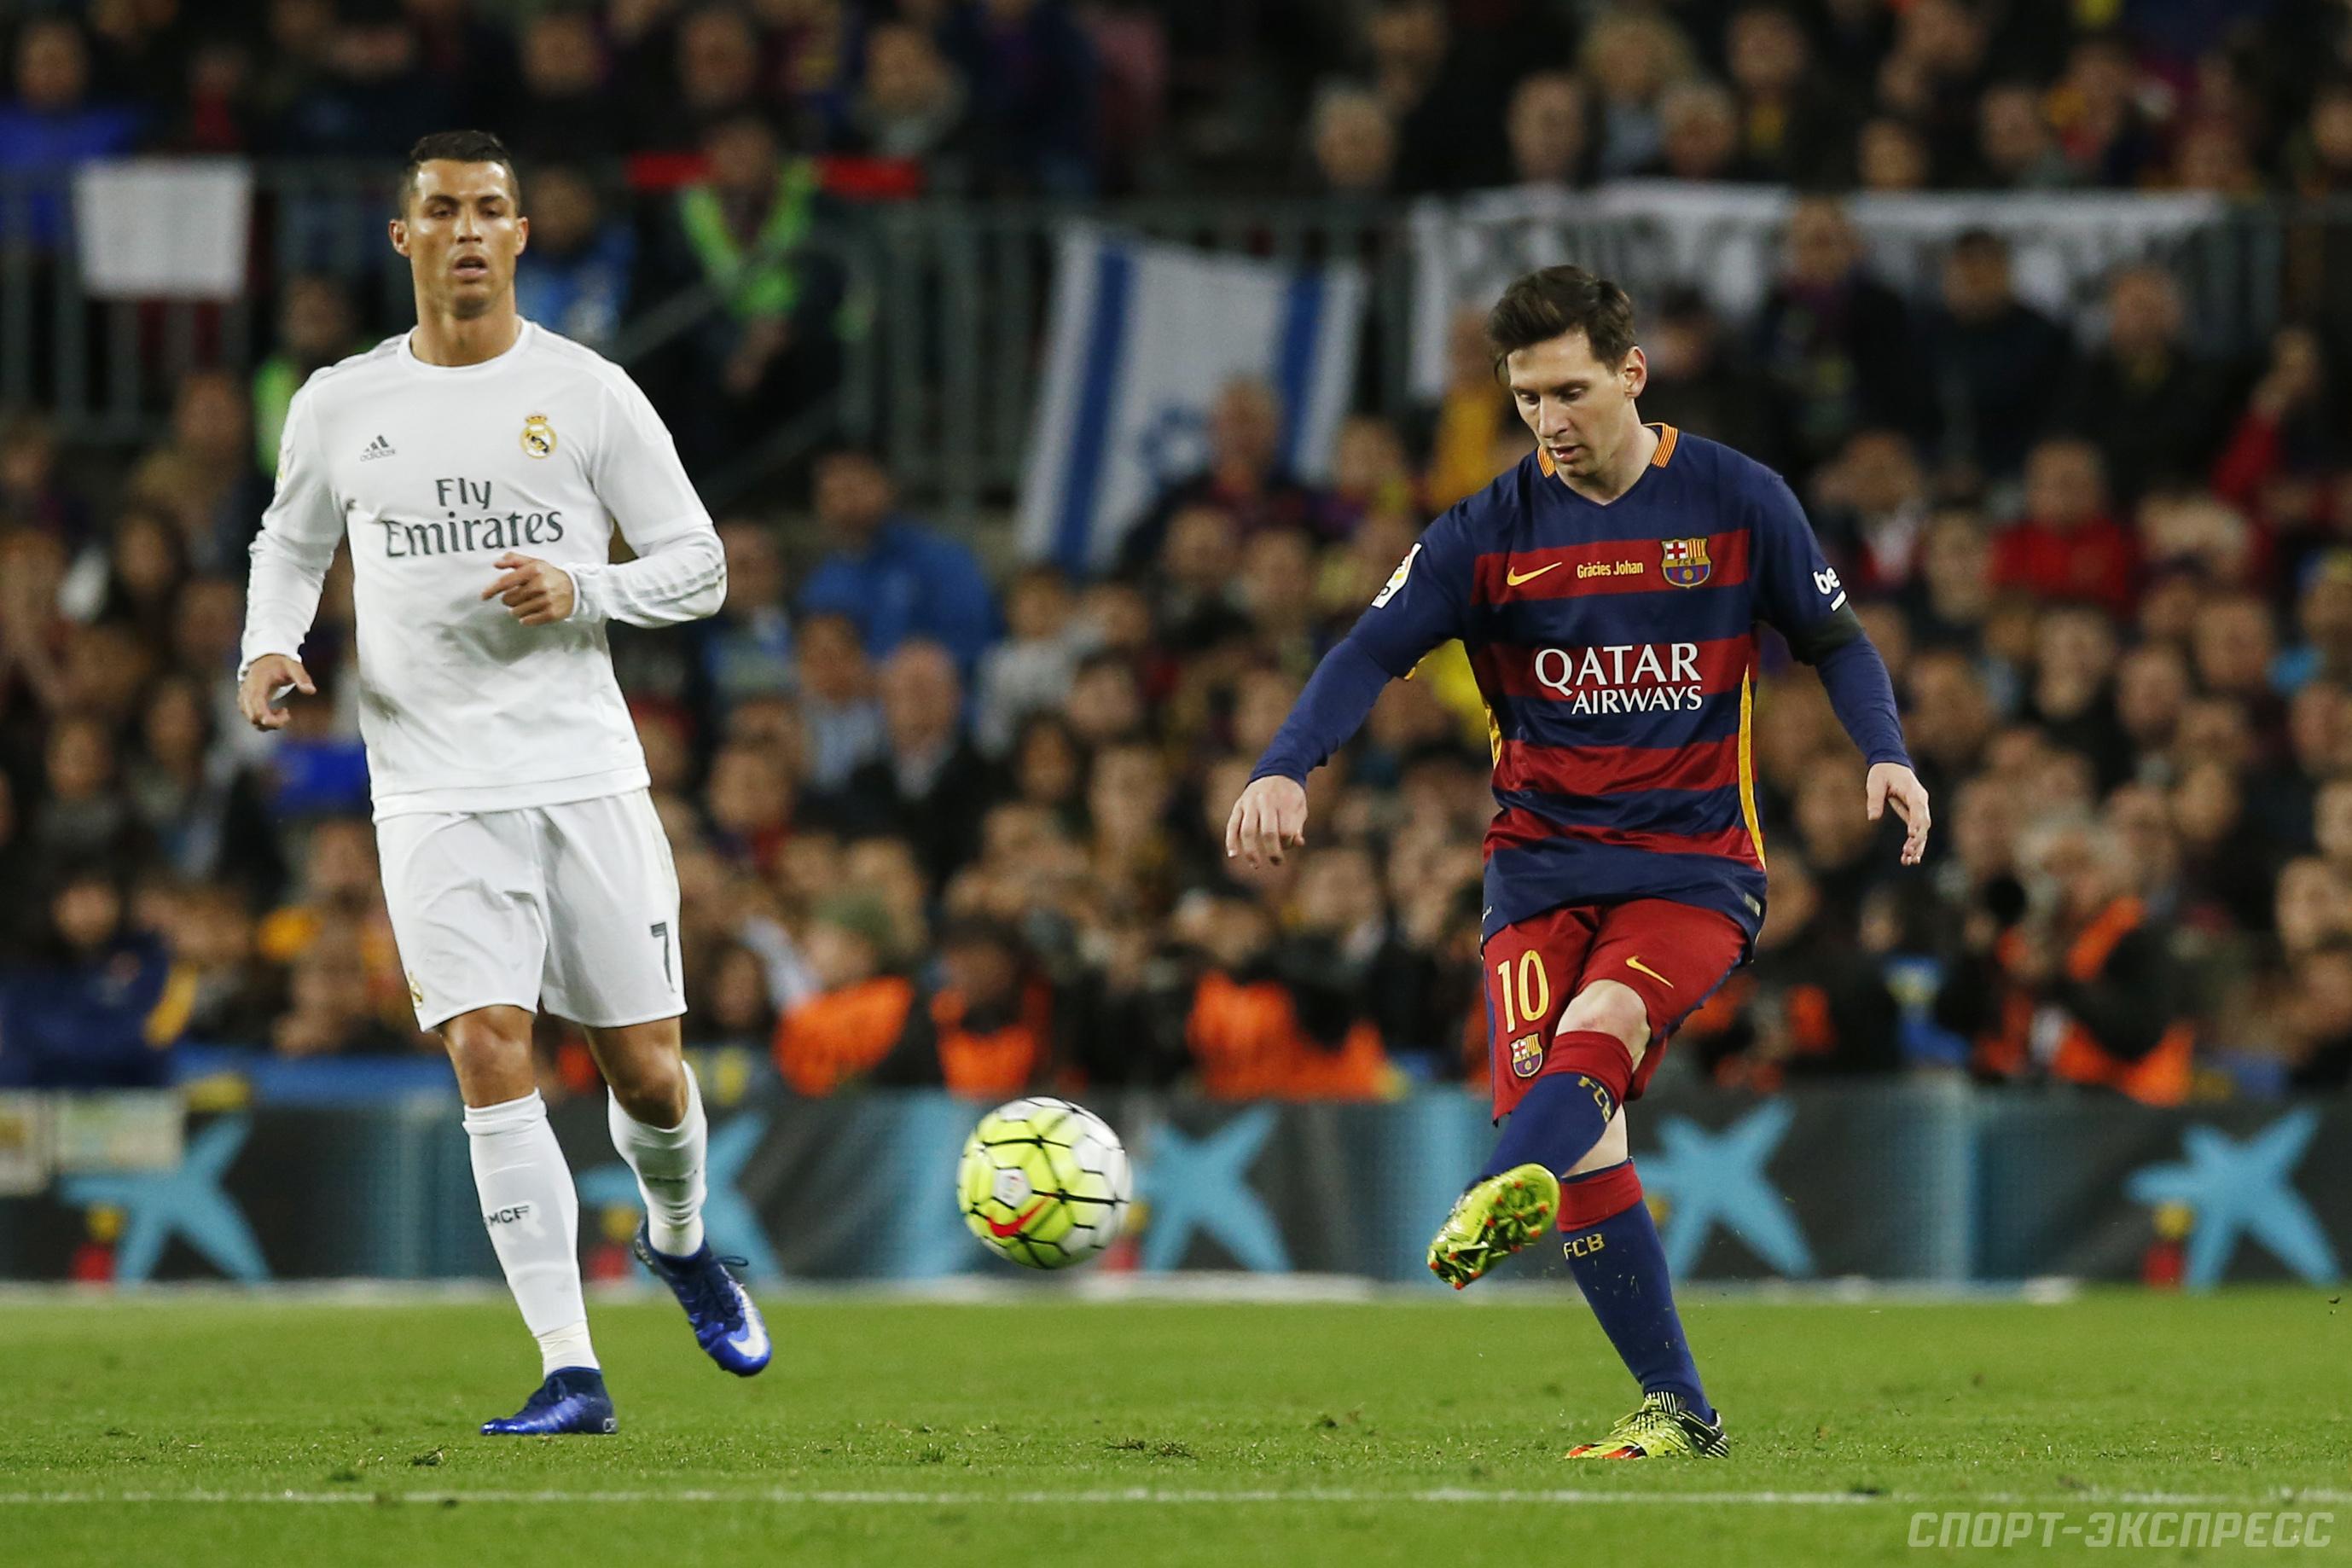 Прогноз на матч Атлетико Мадрид - Осасуна 15 апреля 2017